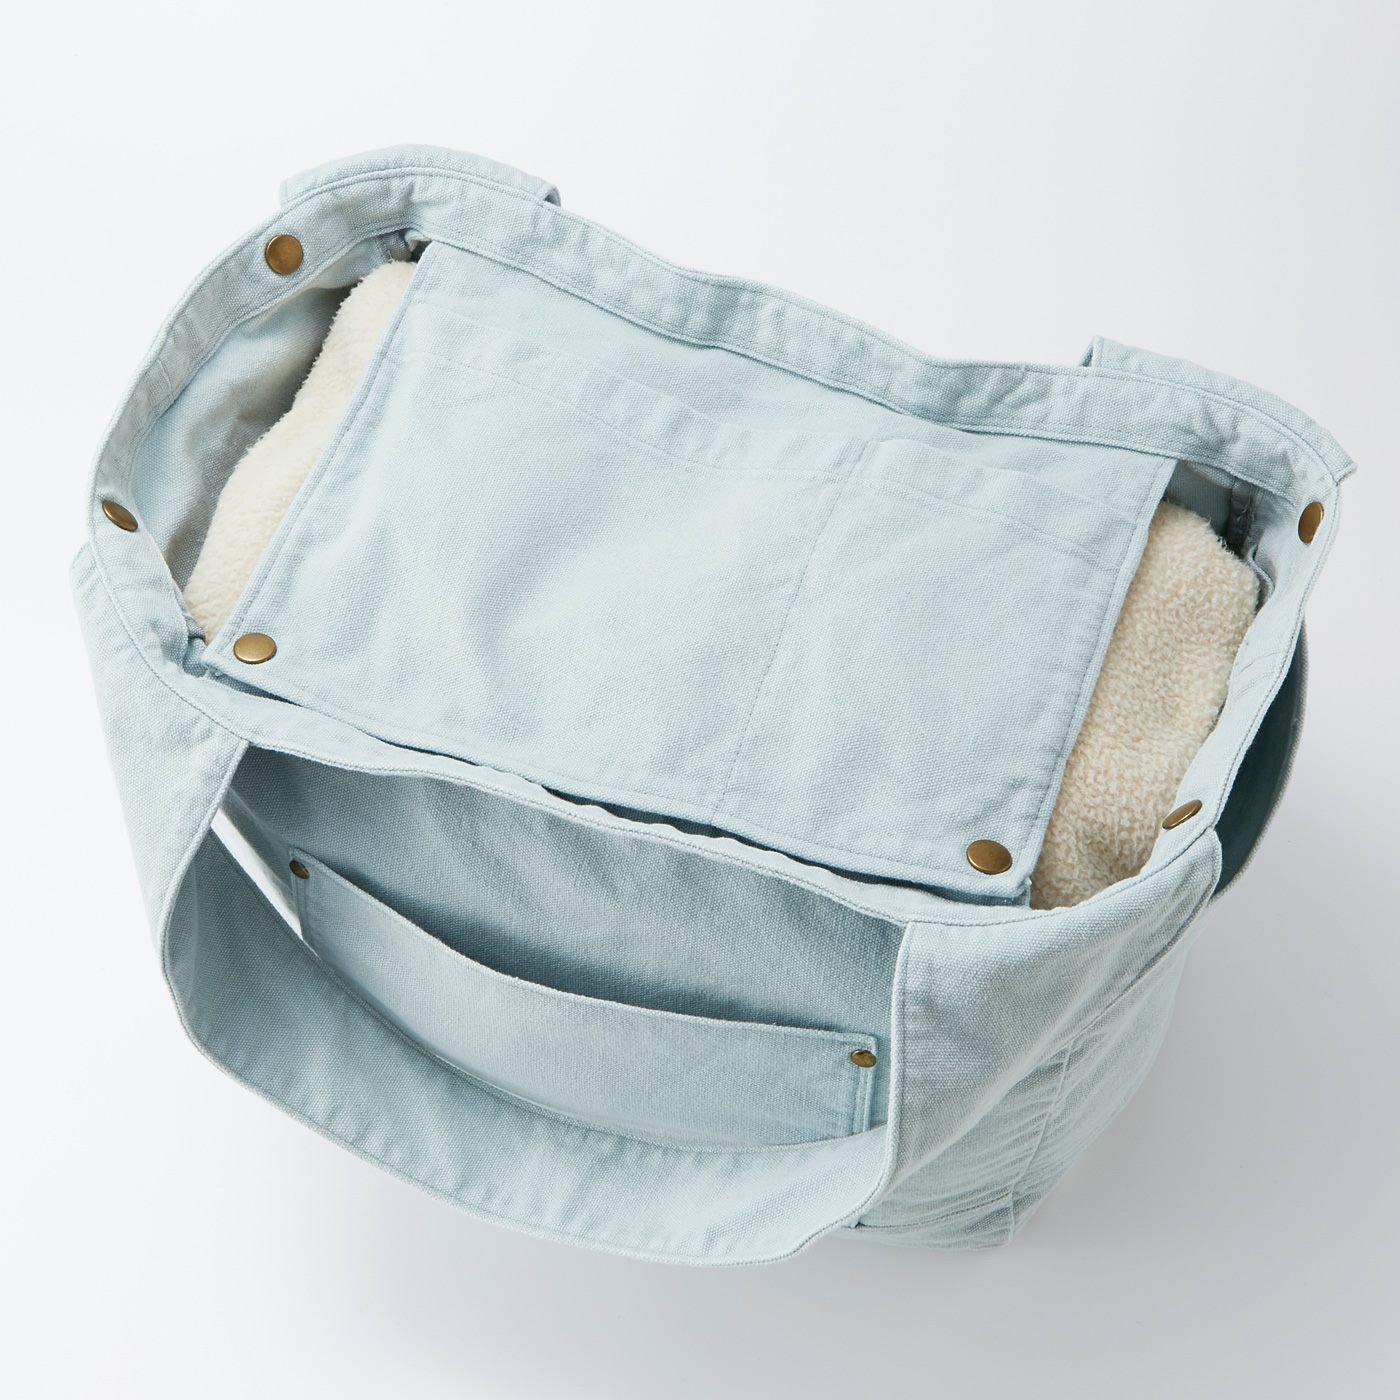 目隠しにもなる内側のつりポケット。